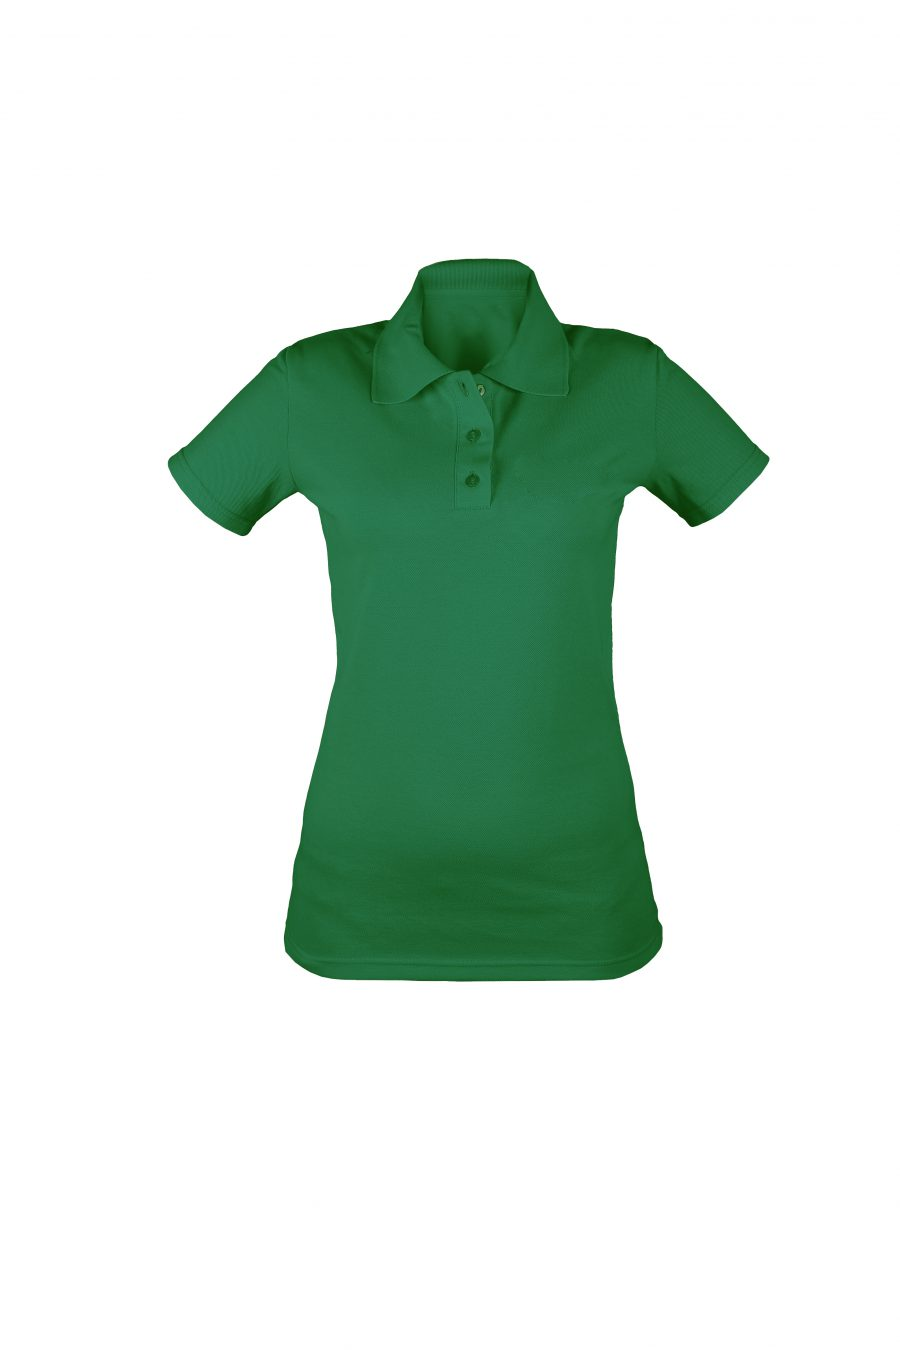 Рубашка-поло KANO WP зеленая купить оптом,